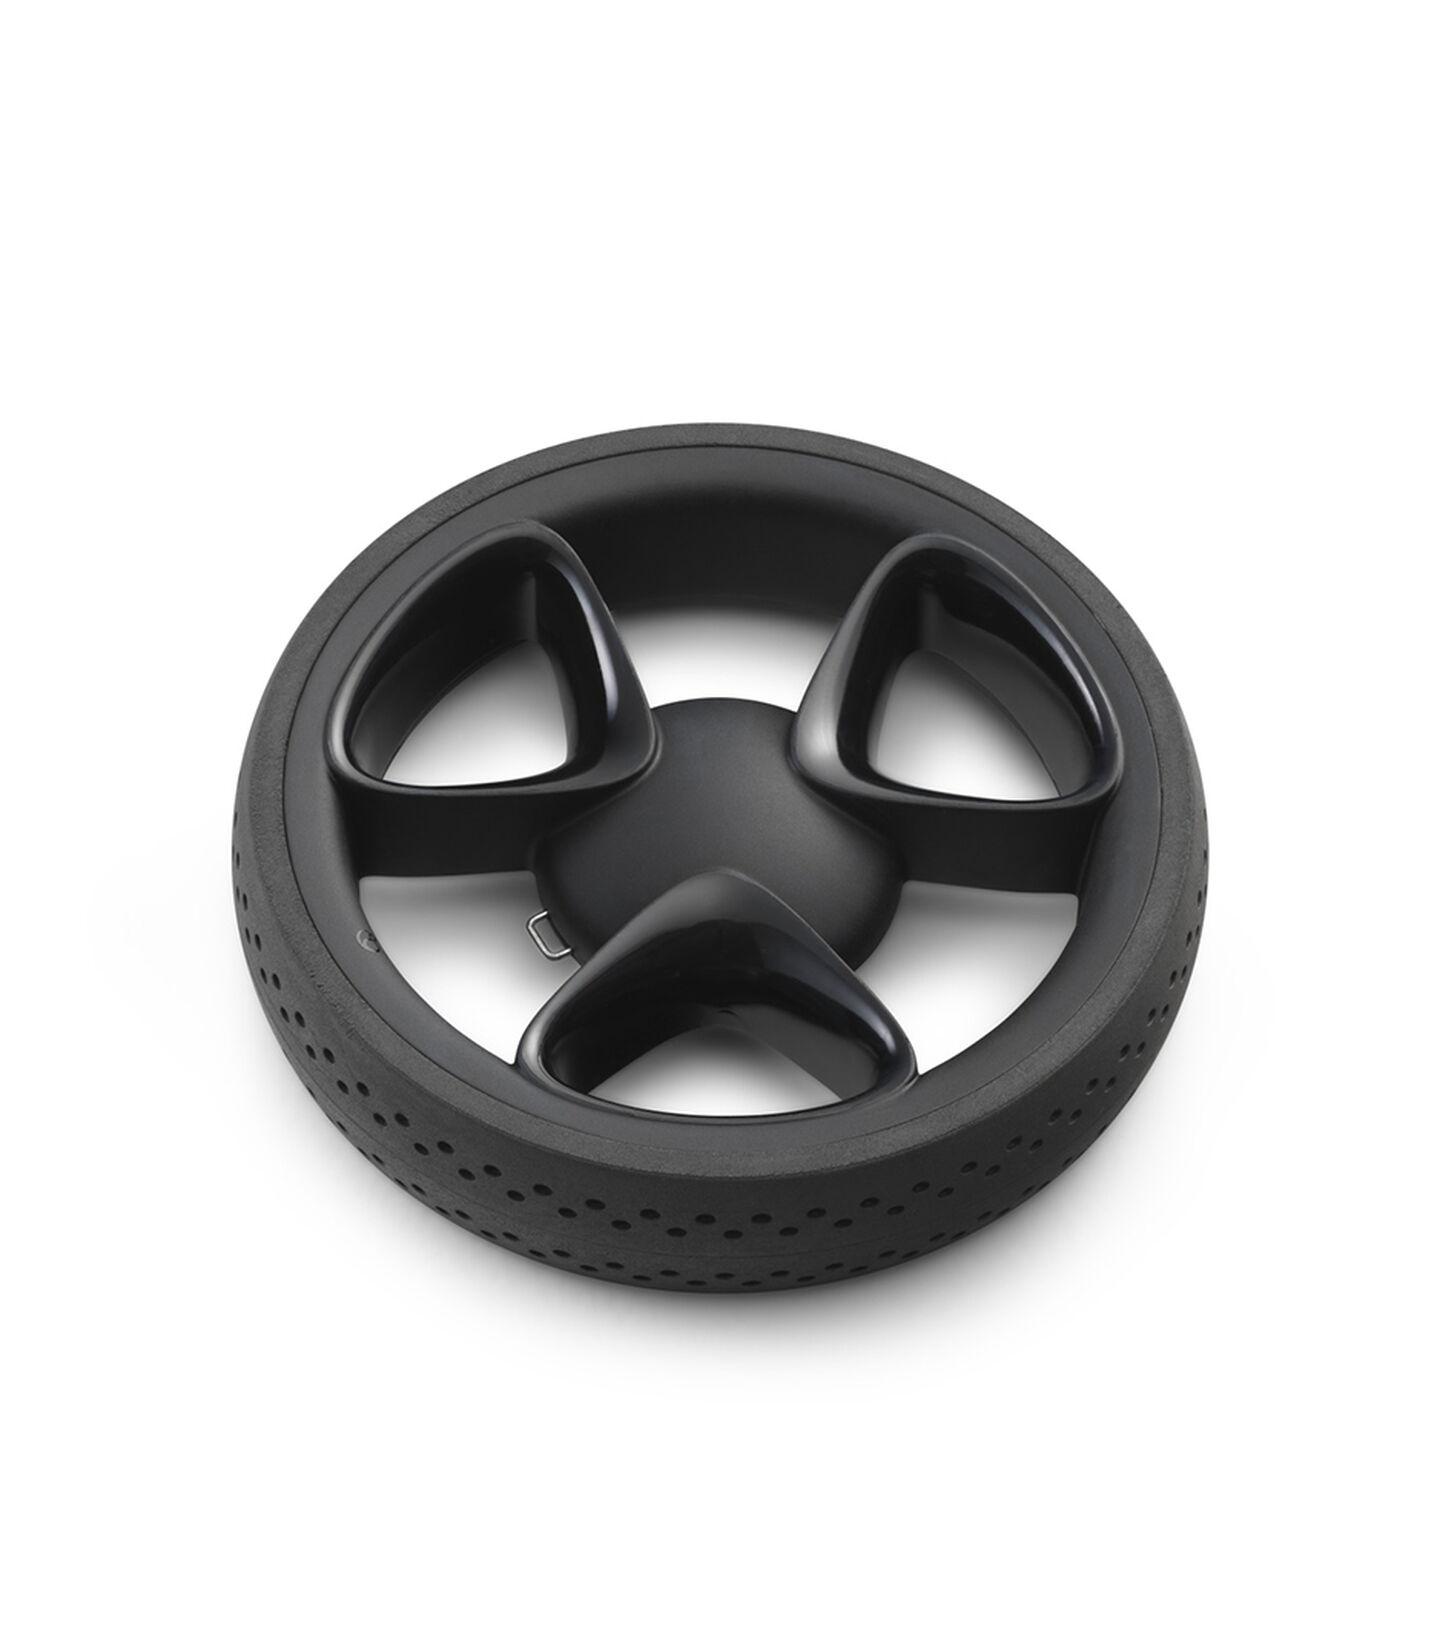 Stokke® Xplory® Wheels 4 pcs, , mainview view 2